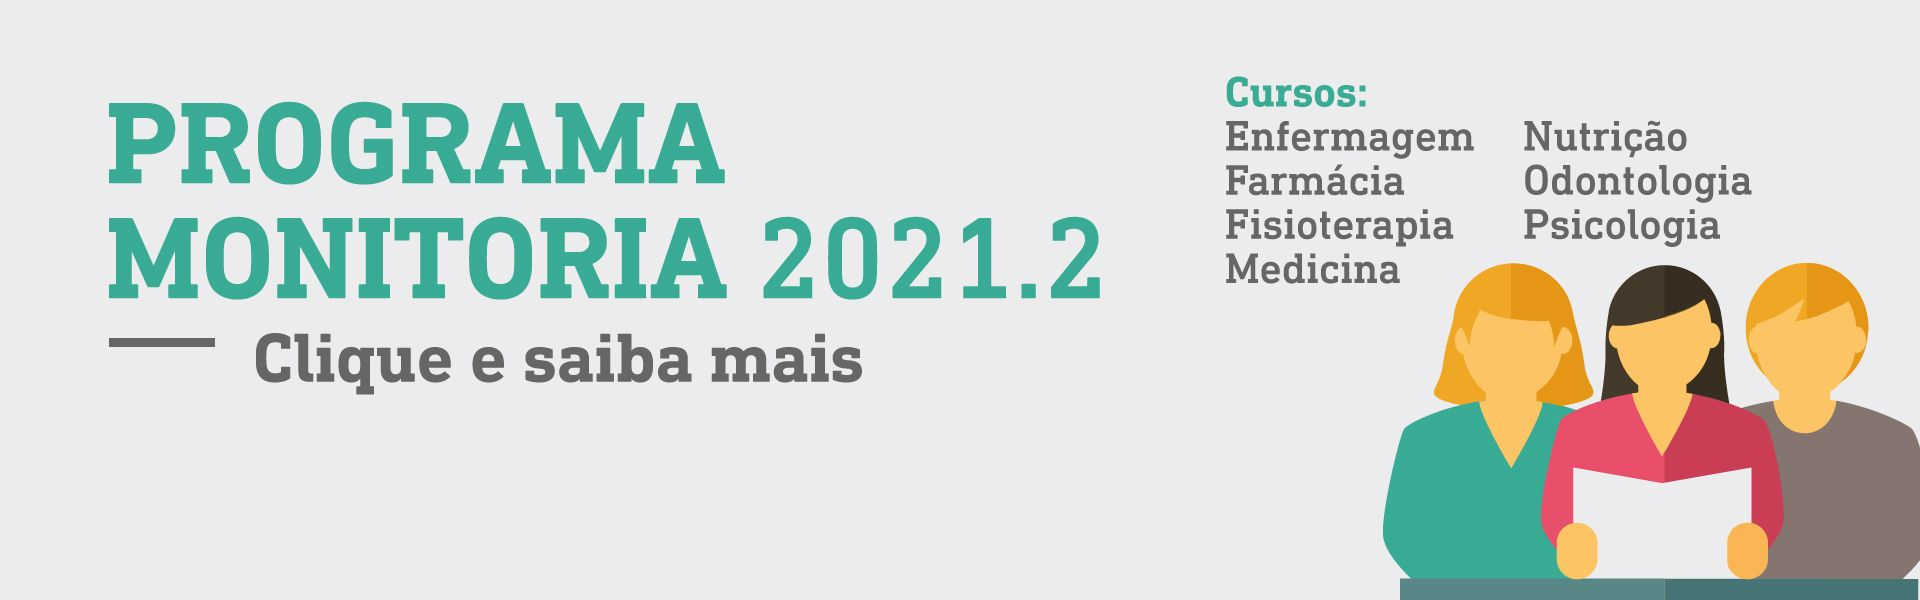 monitoria 2021.2